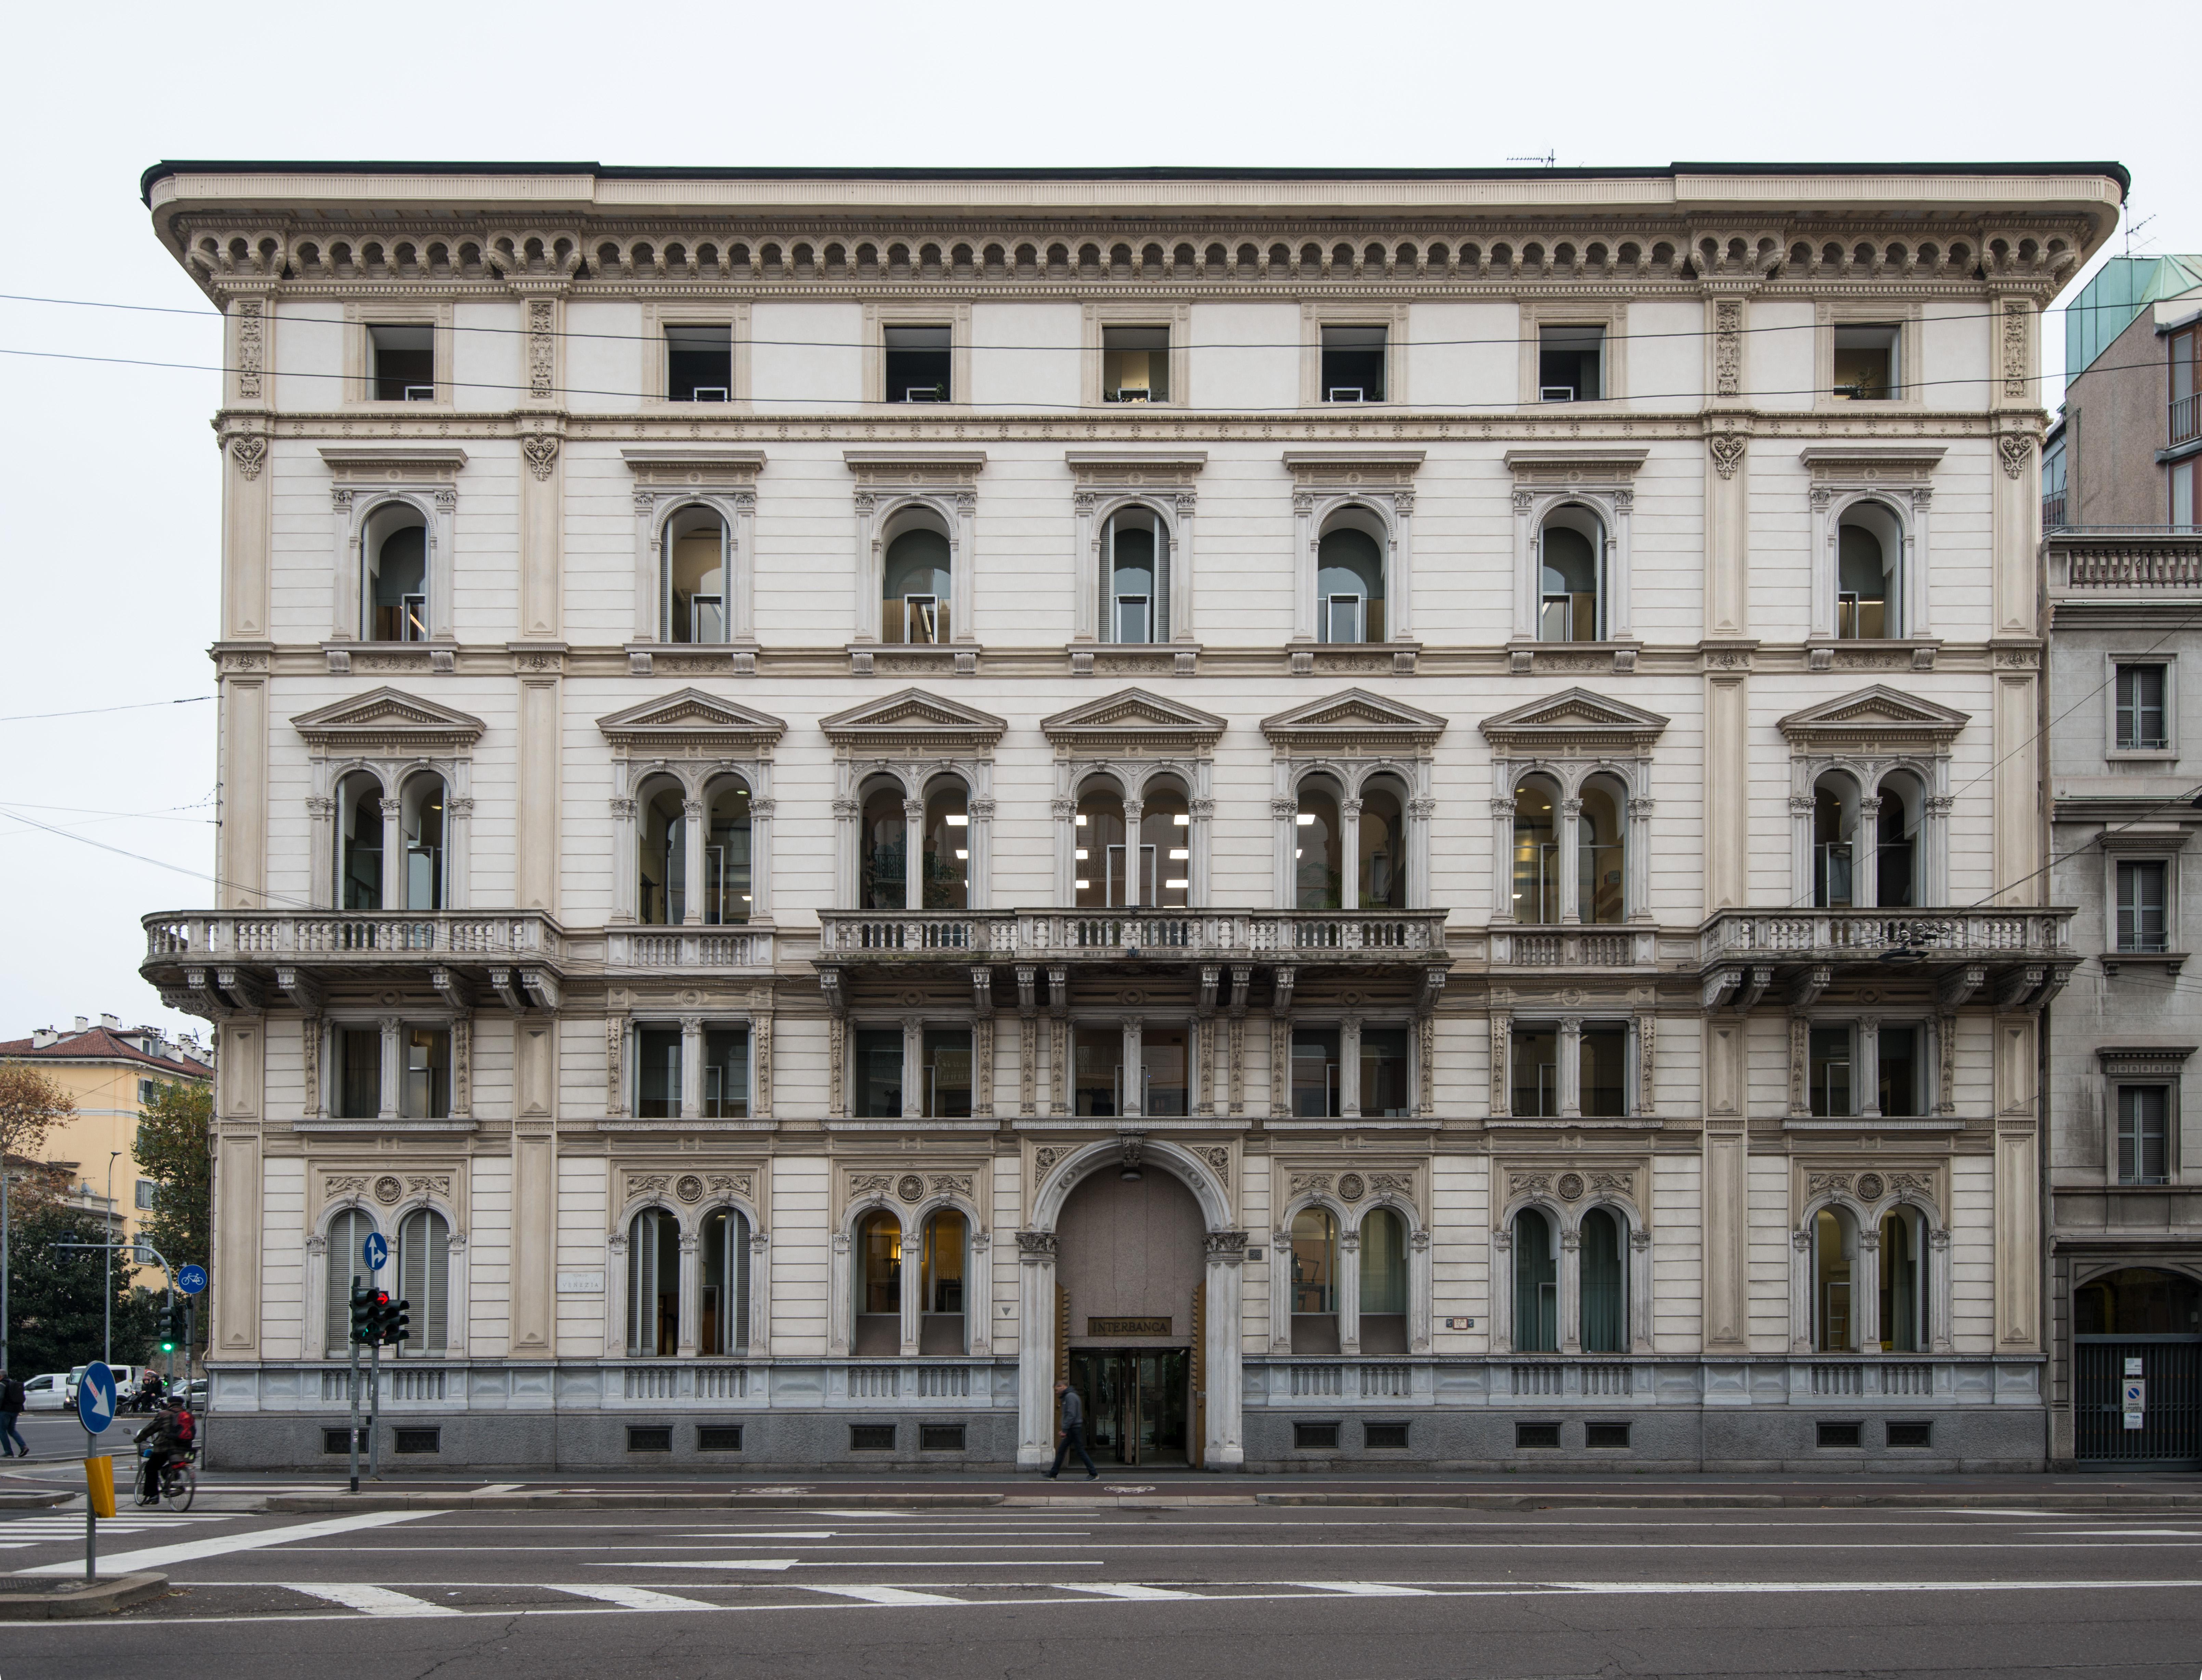 Corso venezia 56 Milano